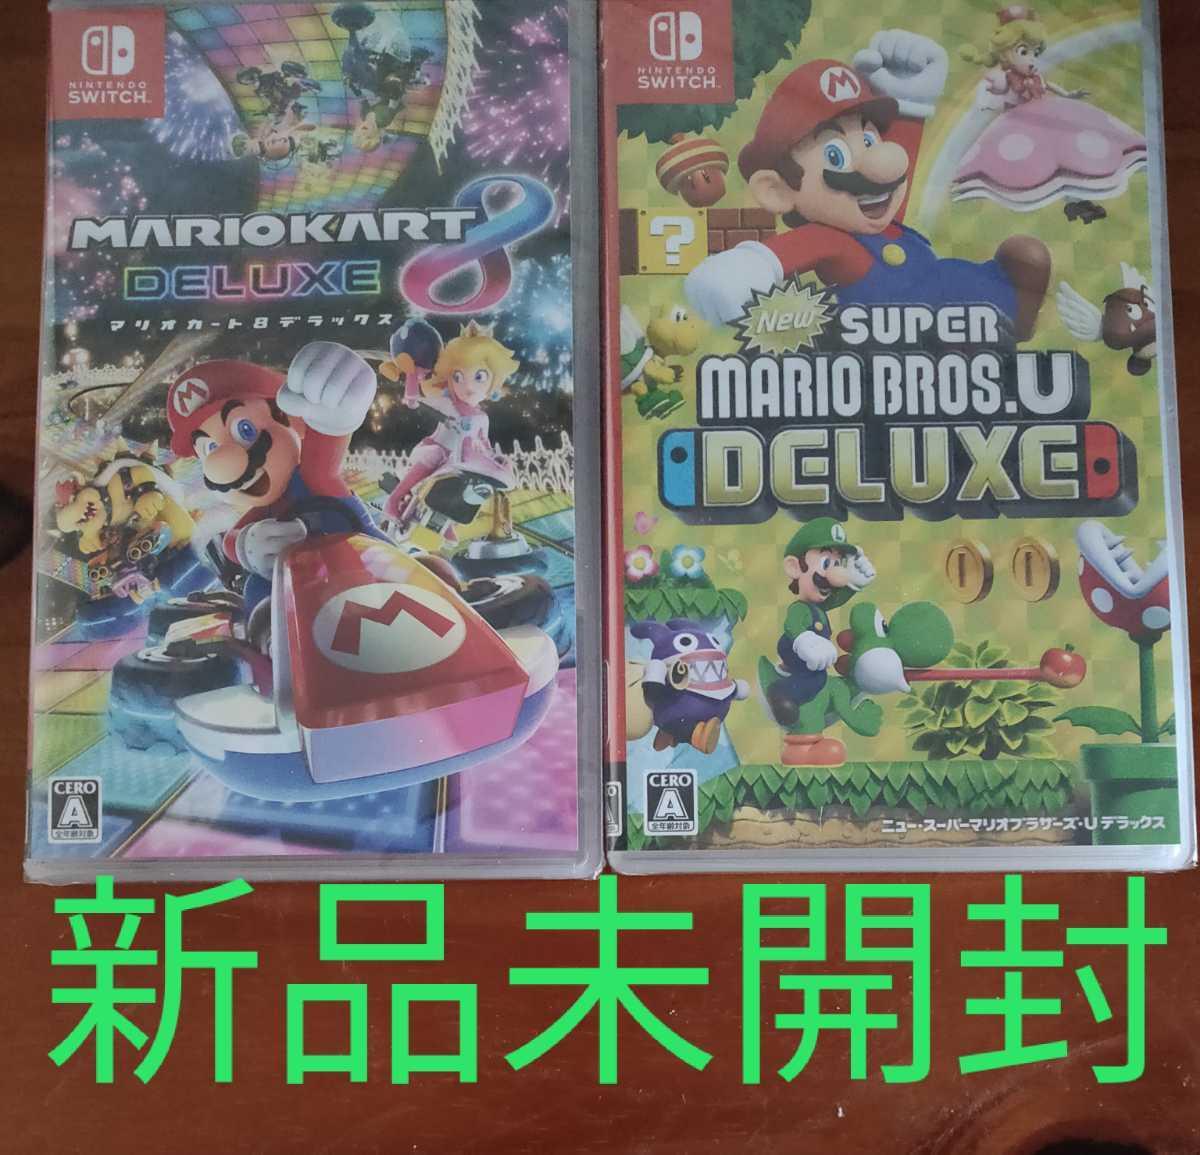 【即決送料無料】Switch ソフト マリオカート8デラックス スーパーマリオブラザーズUデラックス セット 新品未開封